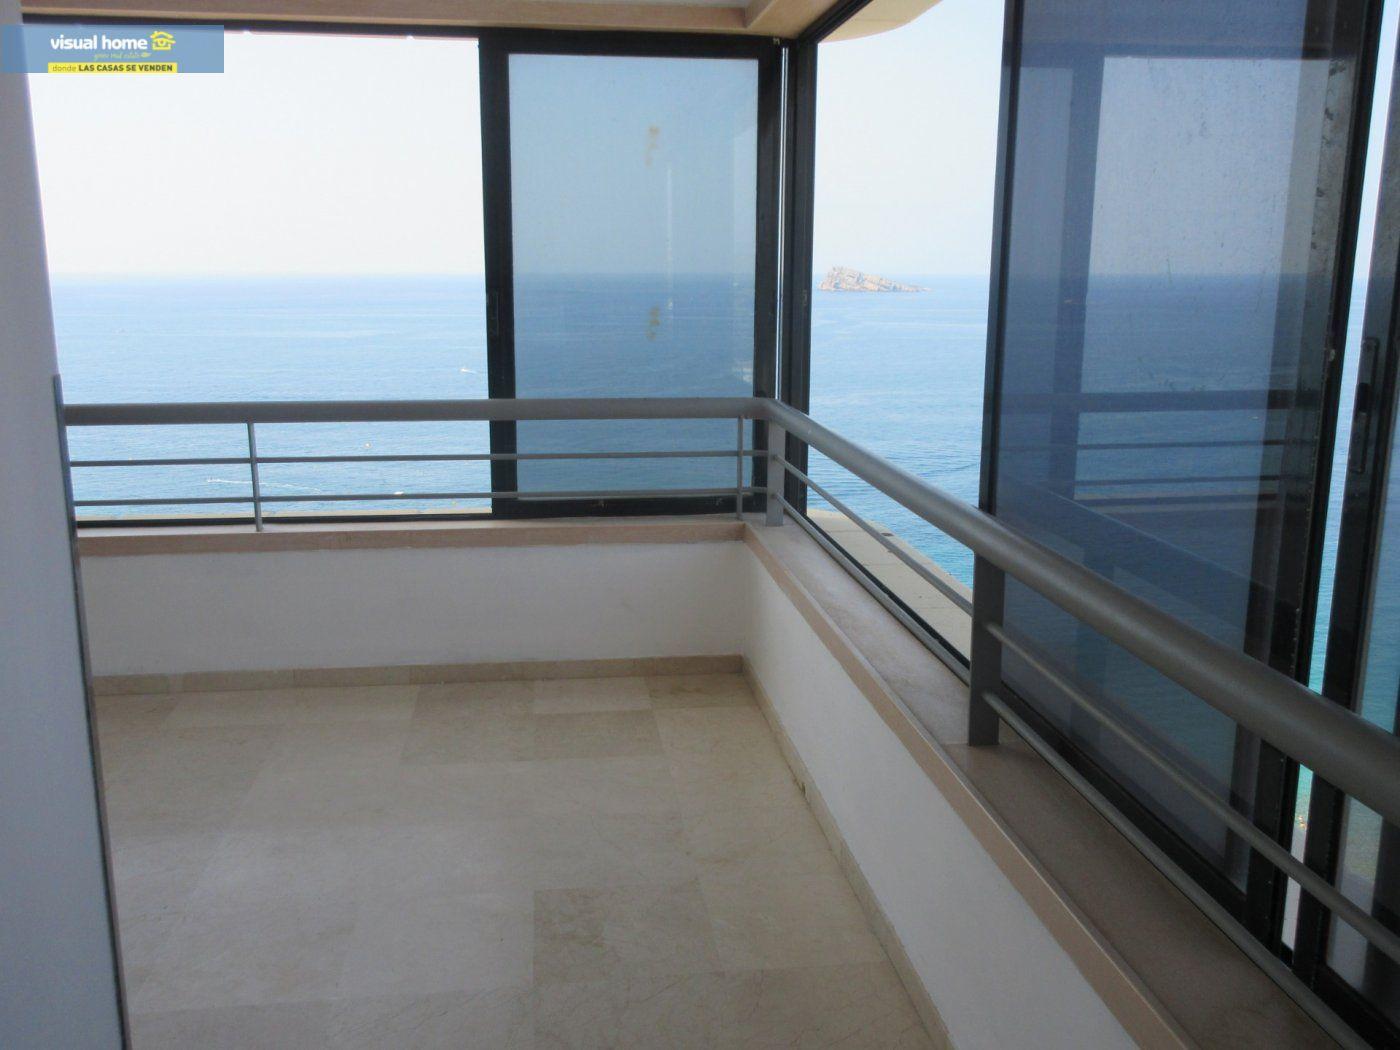 Apartamento de 1 dormitorio con espectaculares vistas  en 1ª linea de playa con parking y piscina 4